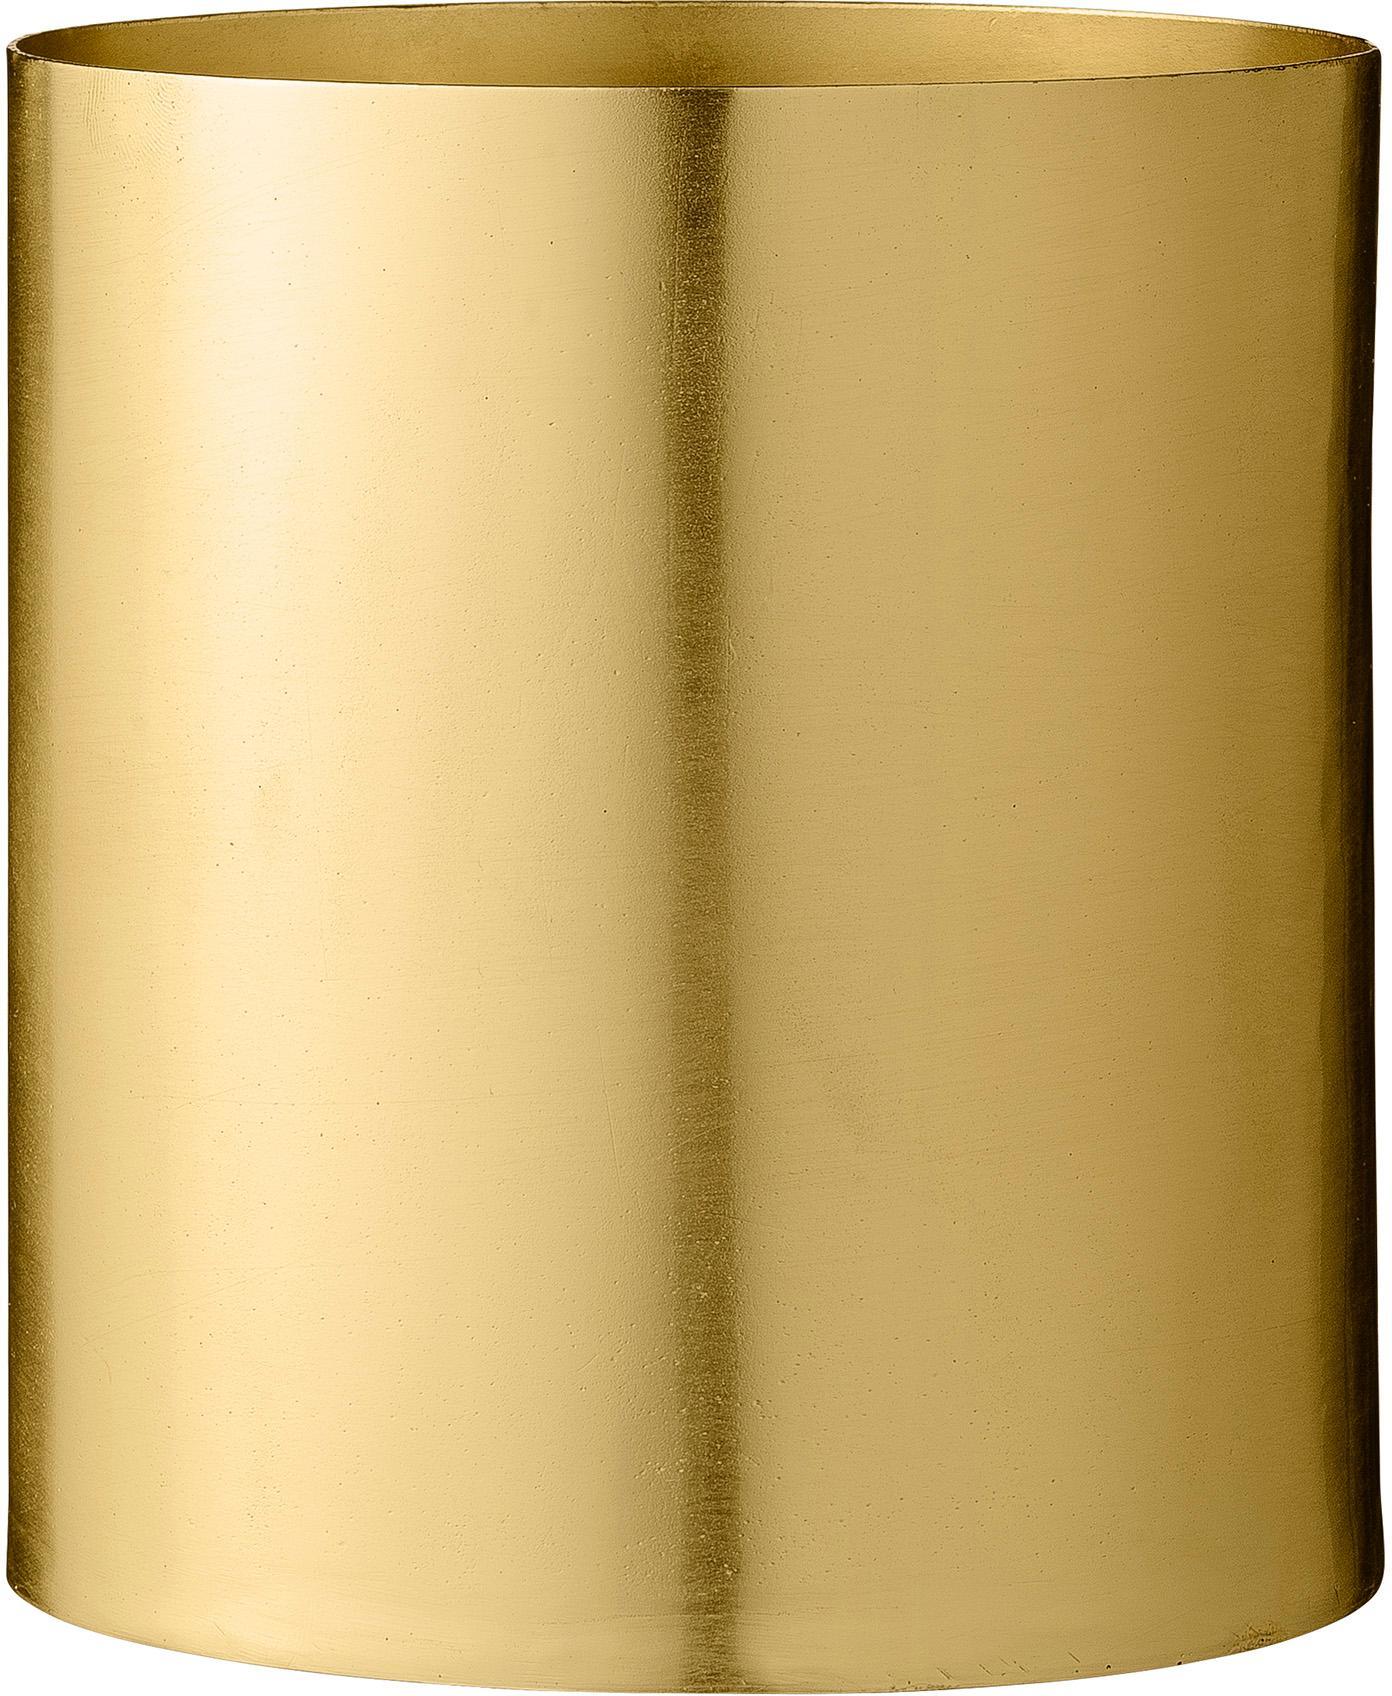 Portavaso in metallo Sharin, Metallo, Ottone, Ø 13 x A lt.14 cm